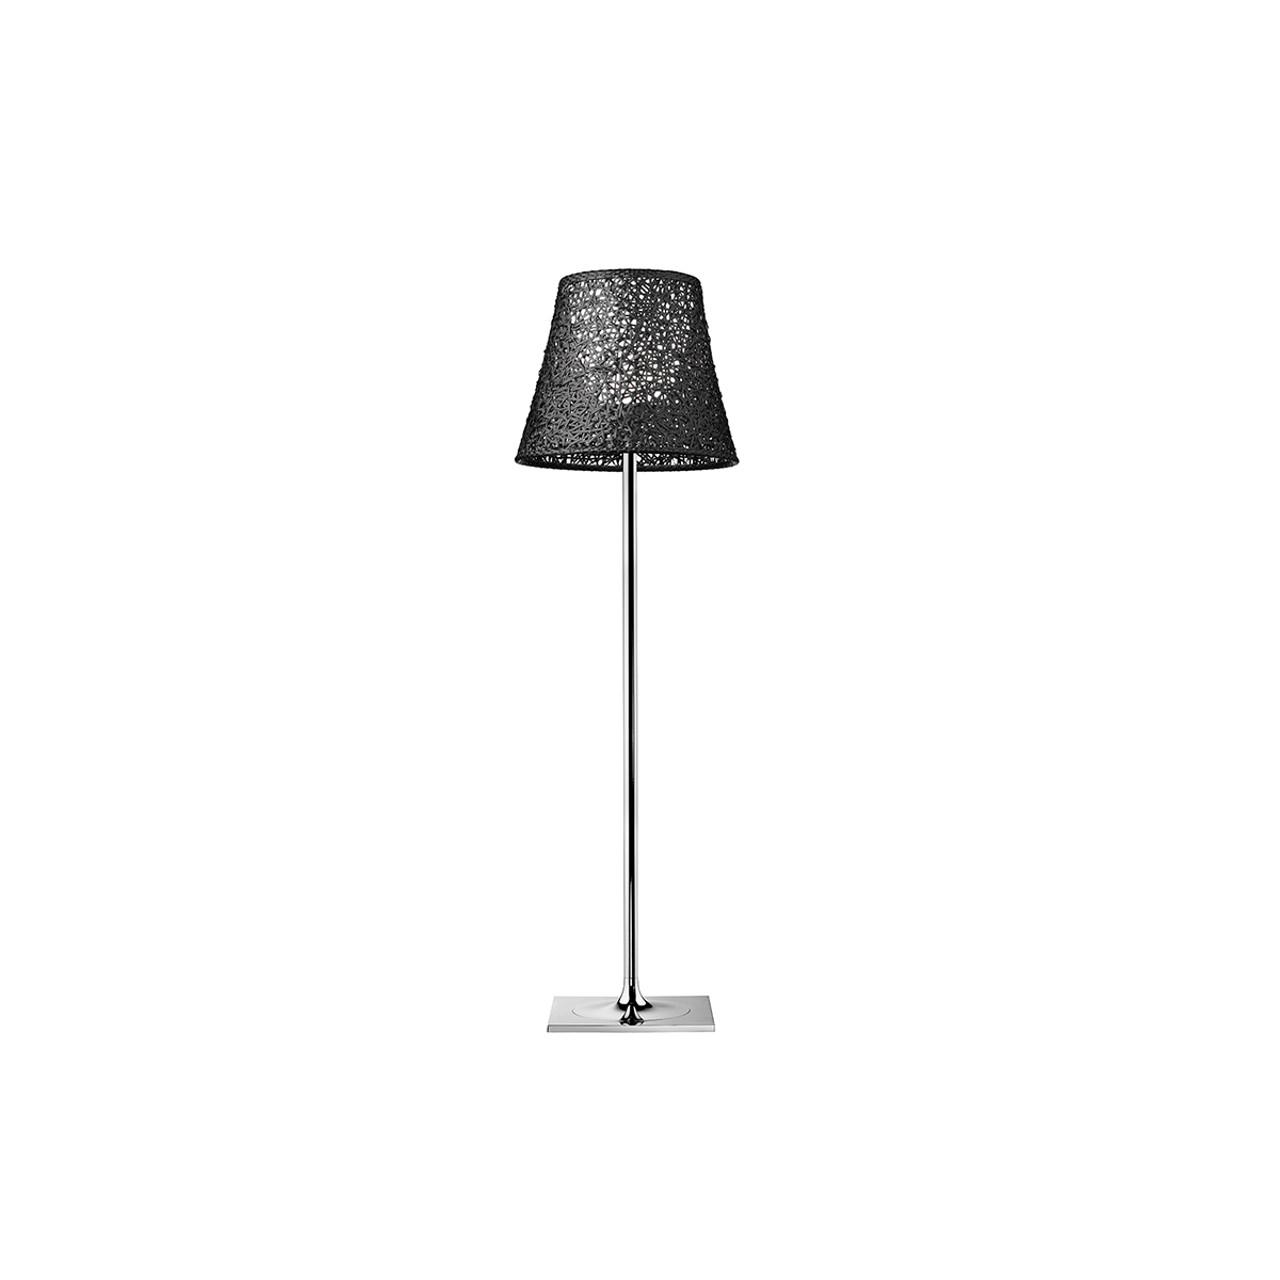 Flos Ktribe F3.Ktribe F3 Outdoor Water Resistant Floor Lamp